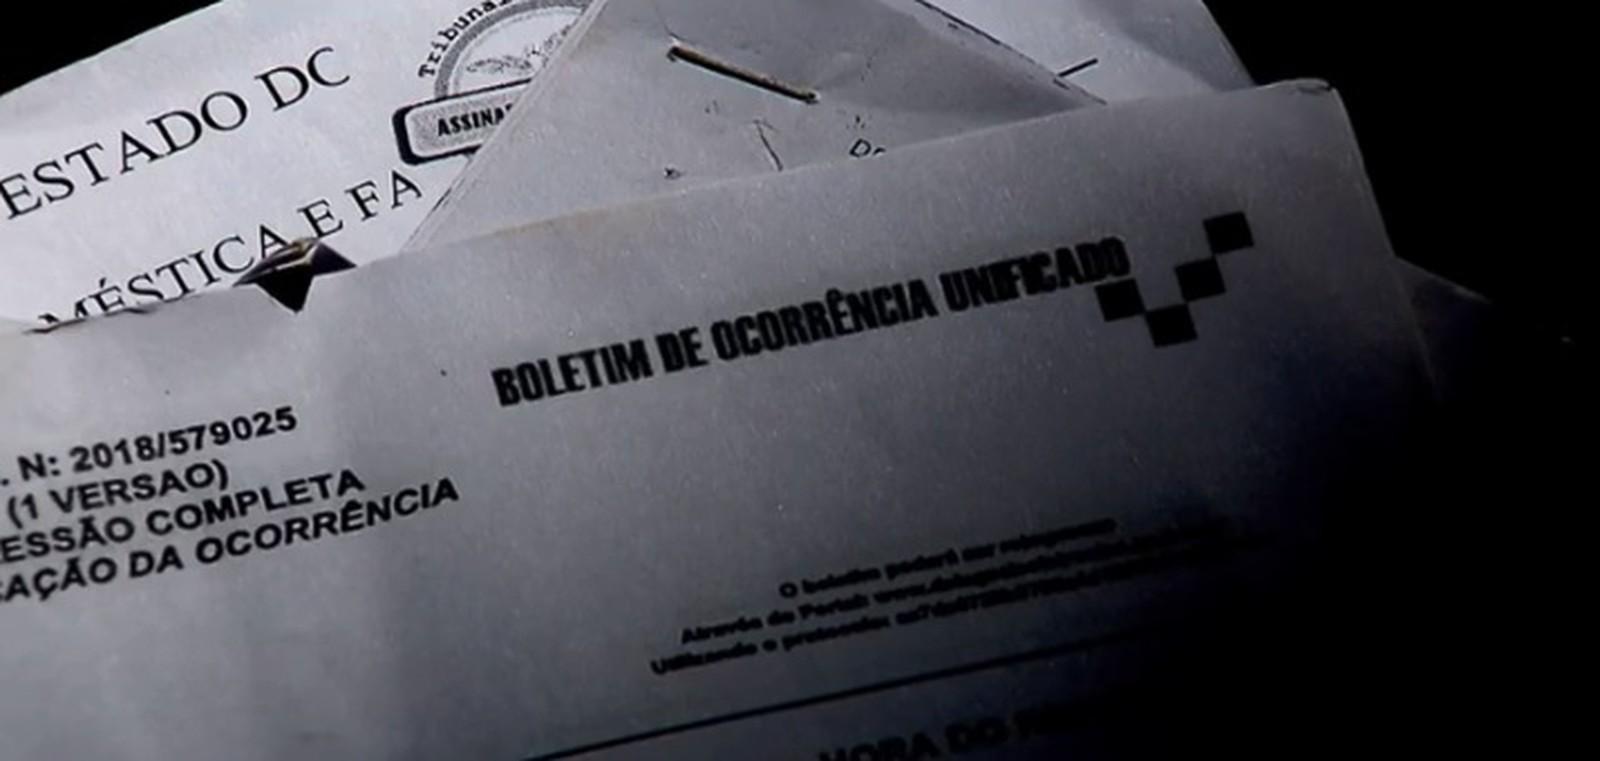 Vítima de violência relata medo de ex-companheiro em liberdade após 15 boletins de ocorrência: 'Papel não protege ninguém'